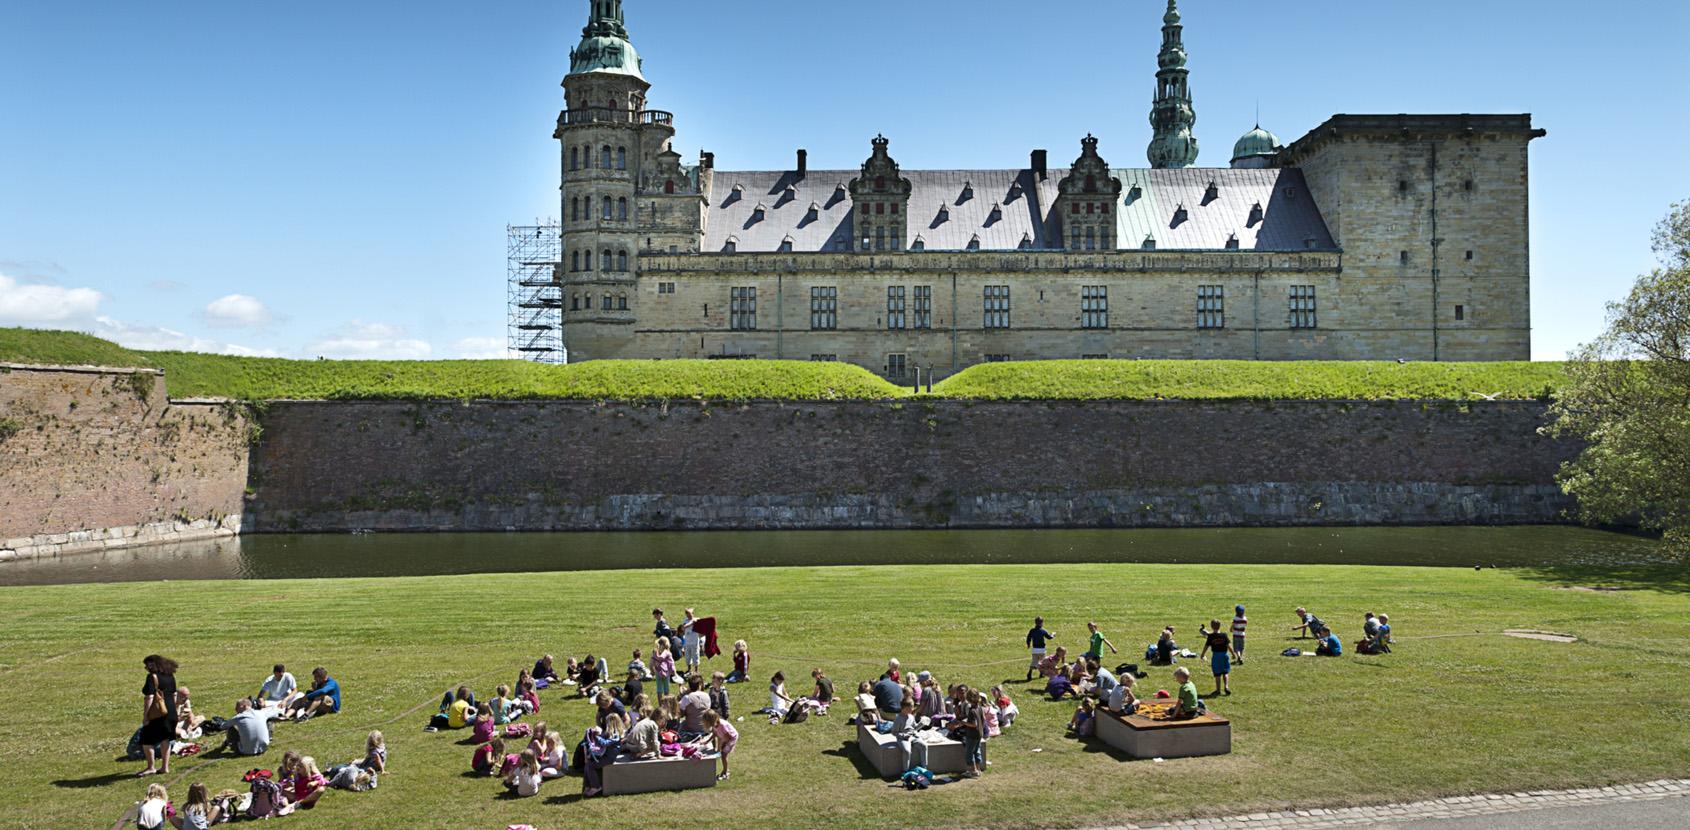 Skoleklasse på græsset foran Kronborg Slot. Foto: Thomas Rahbek